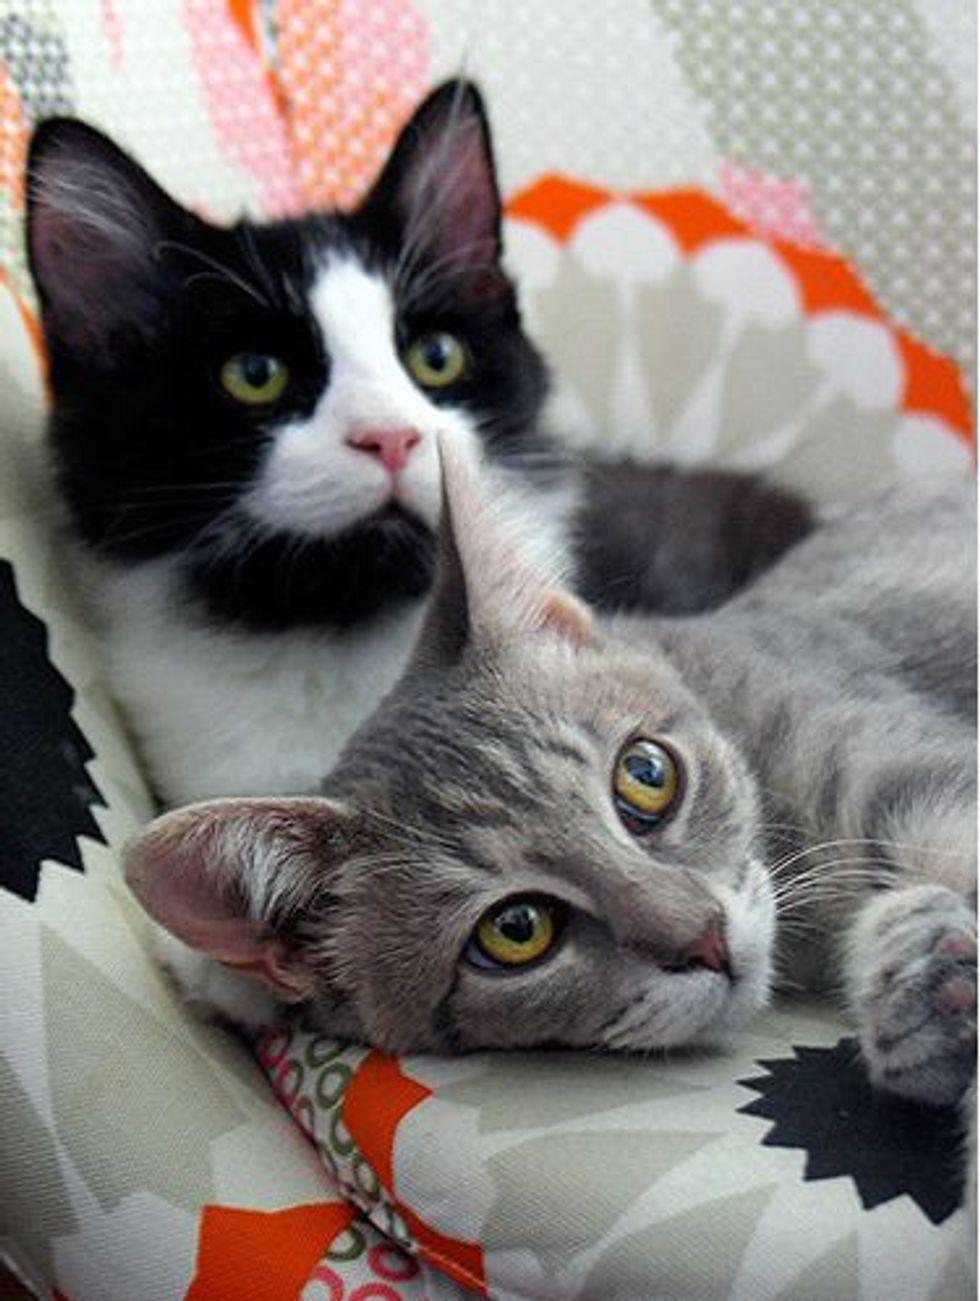 Dot and Max